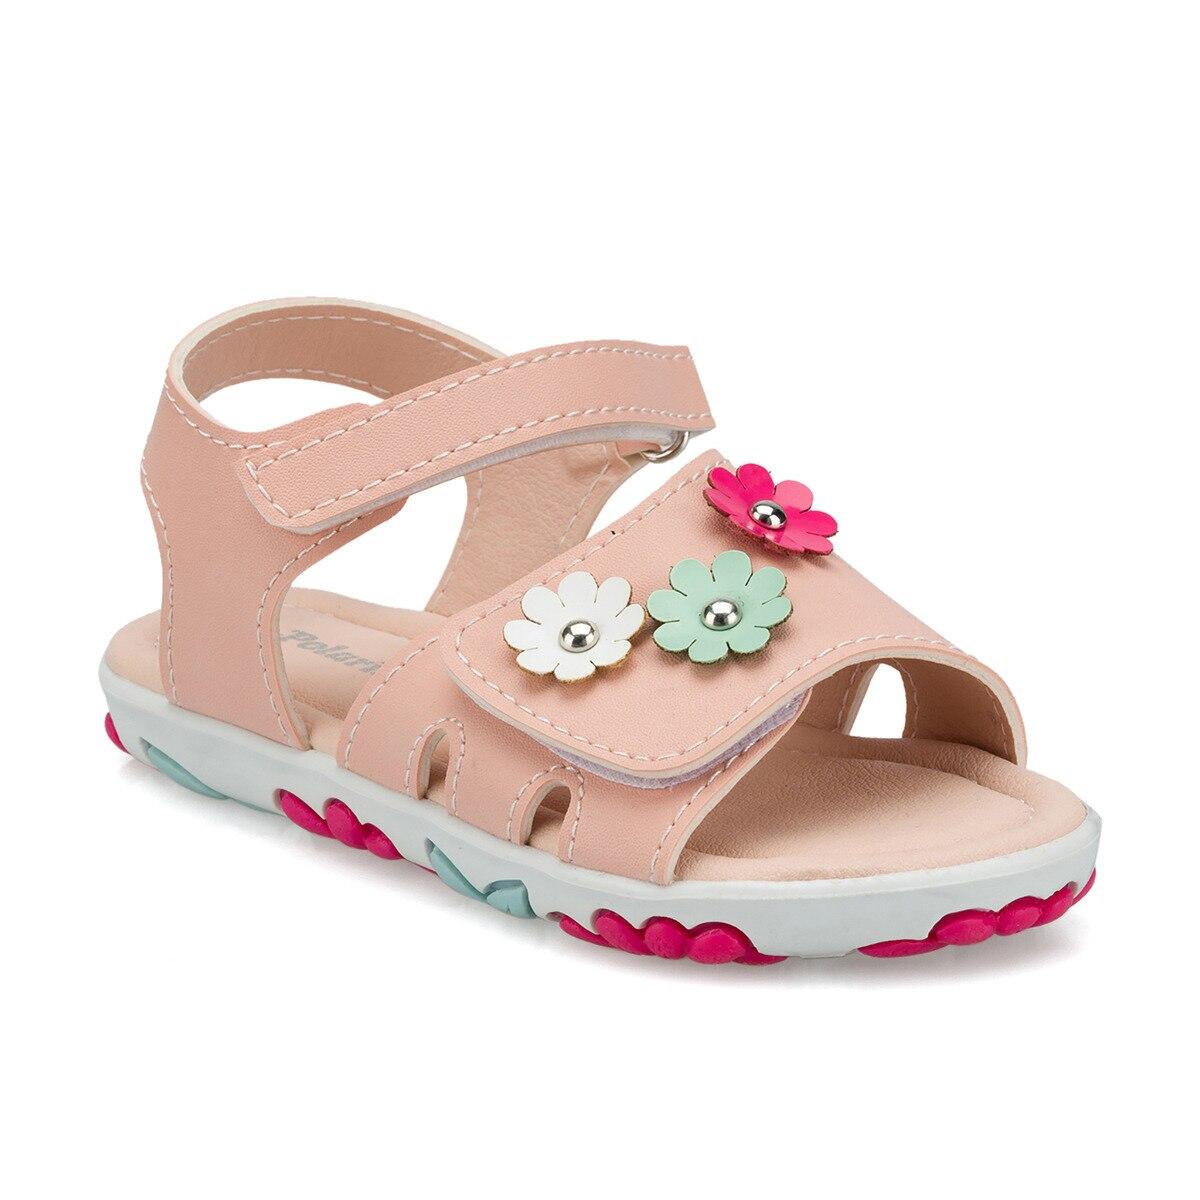 FLO 512333.P Pink Female Child Sandals Polaris